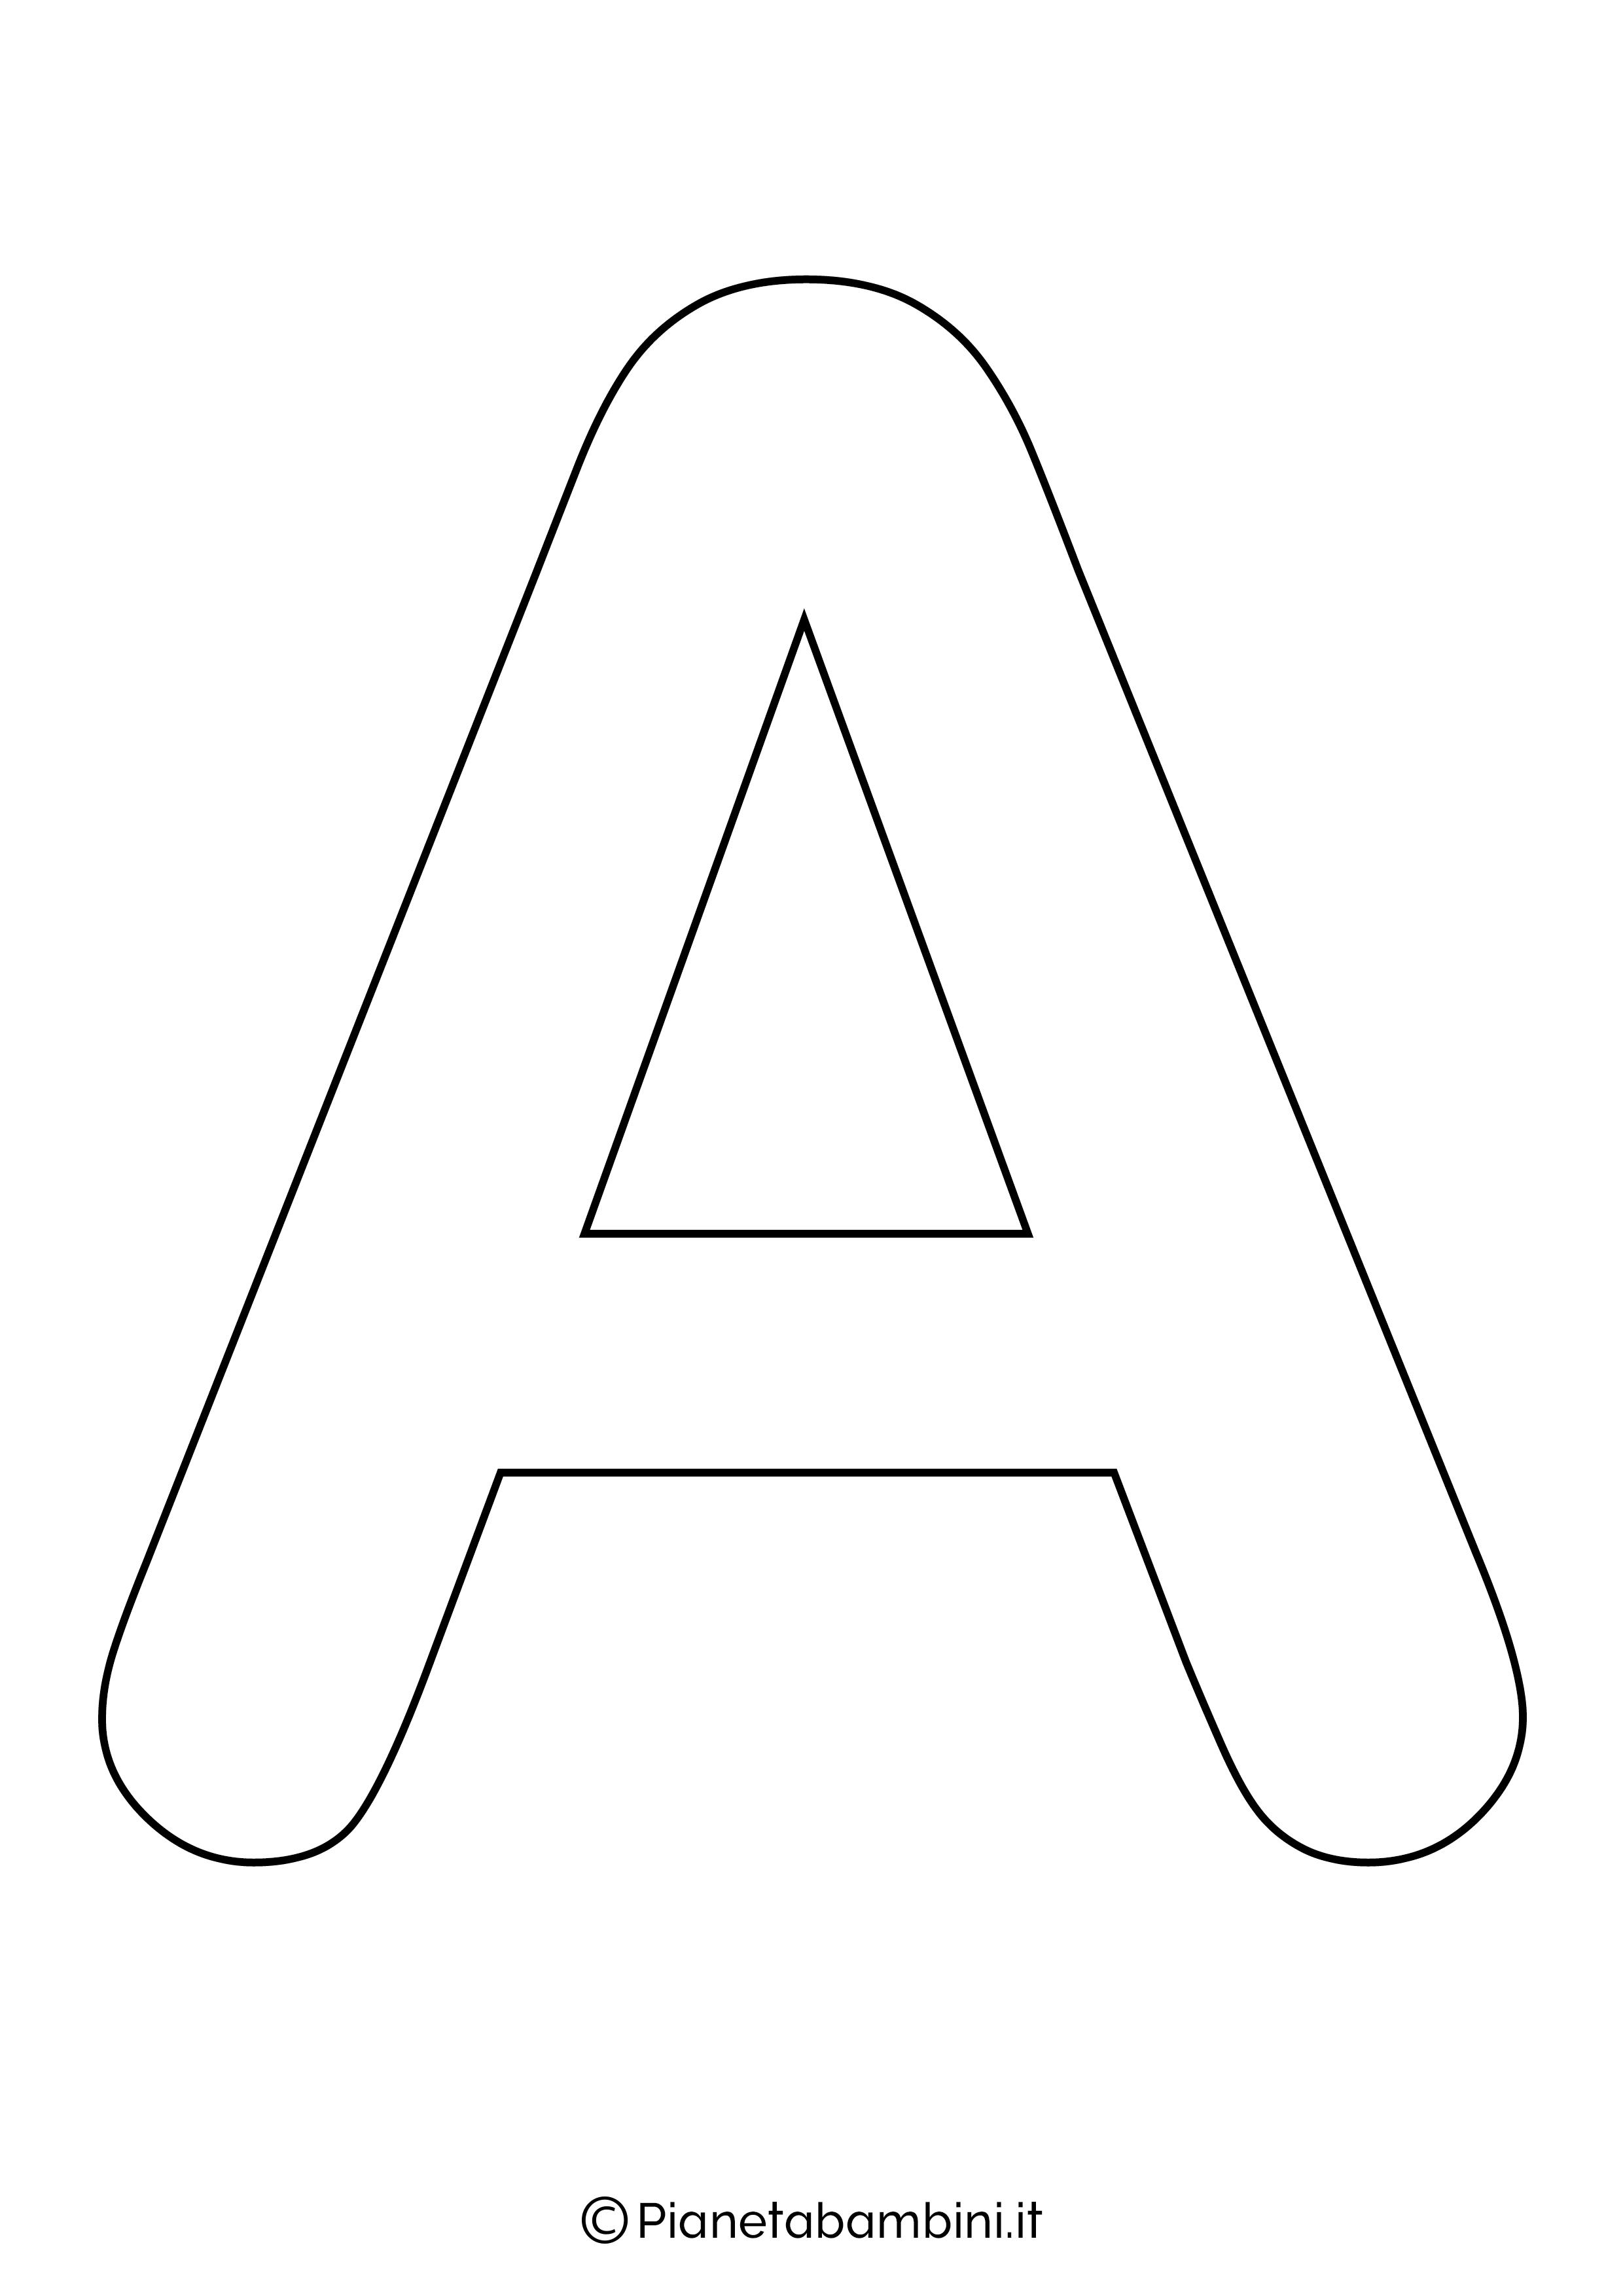 Lettere Alfabeto Da Copiare lettere dell'alfabeto da stampare, colorare e ritagliare nel